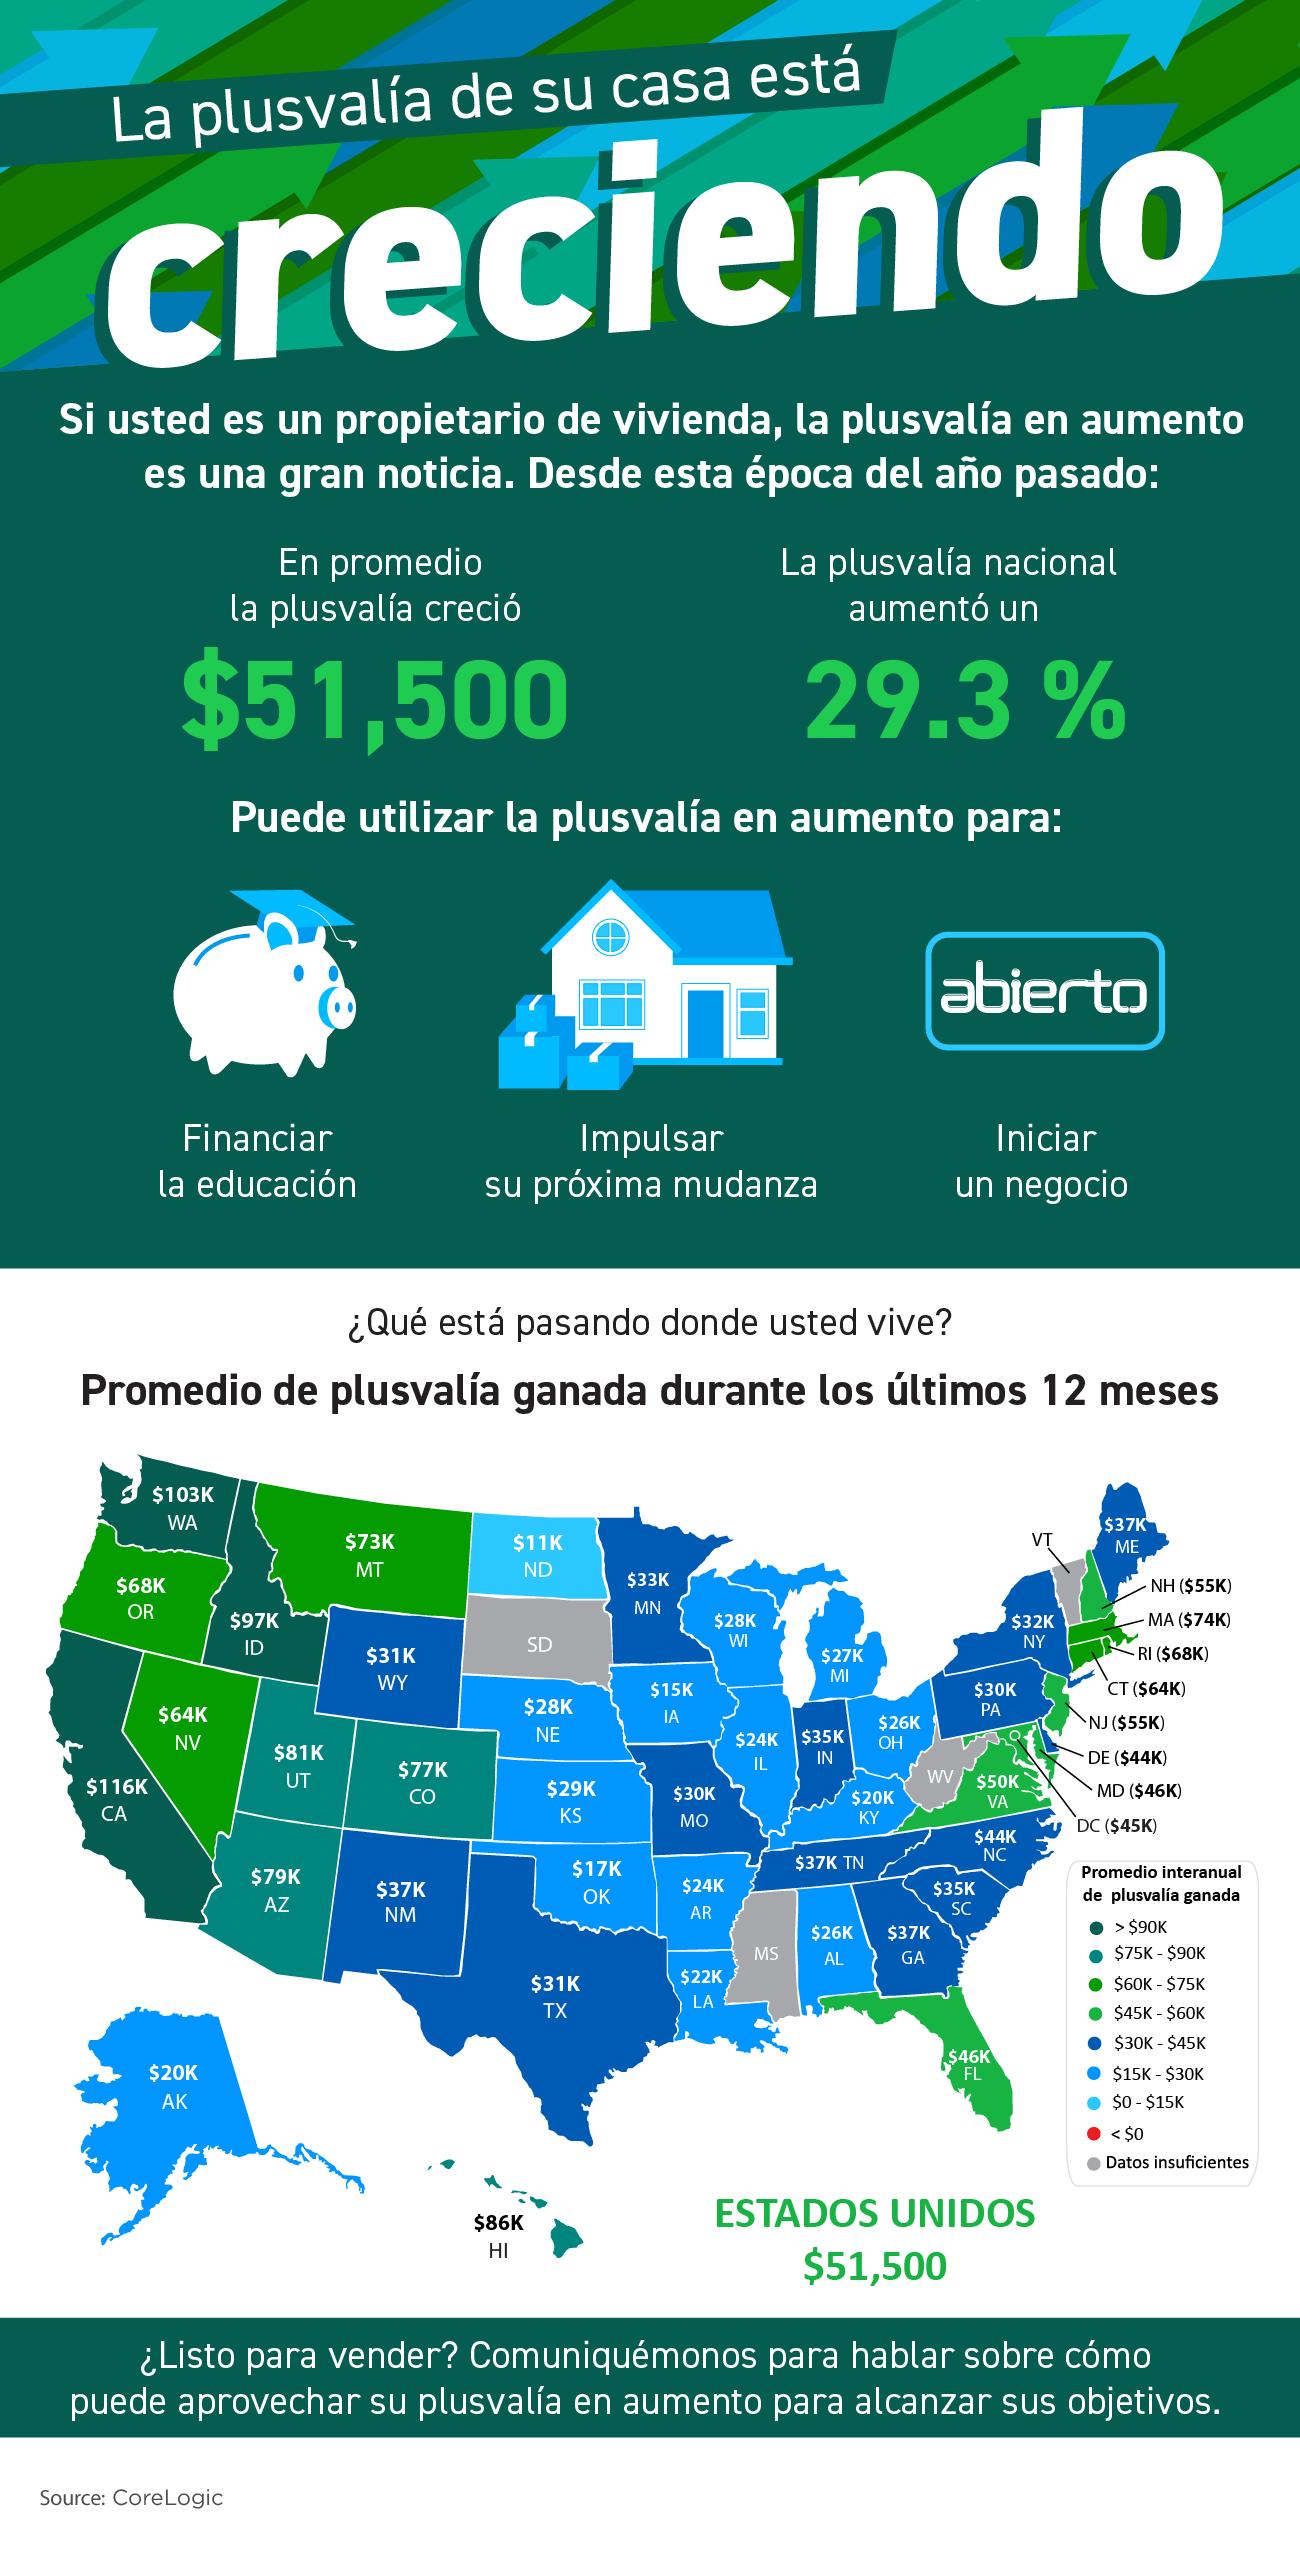 La plusvalía de su casa está creciendo [infografía] | Simplifying The Market